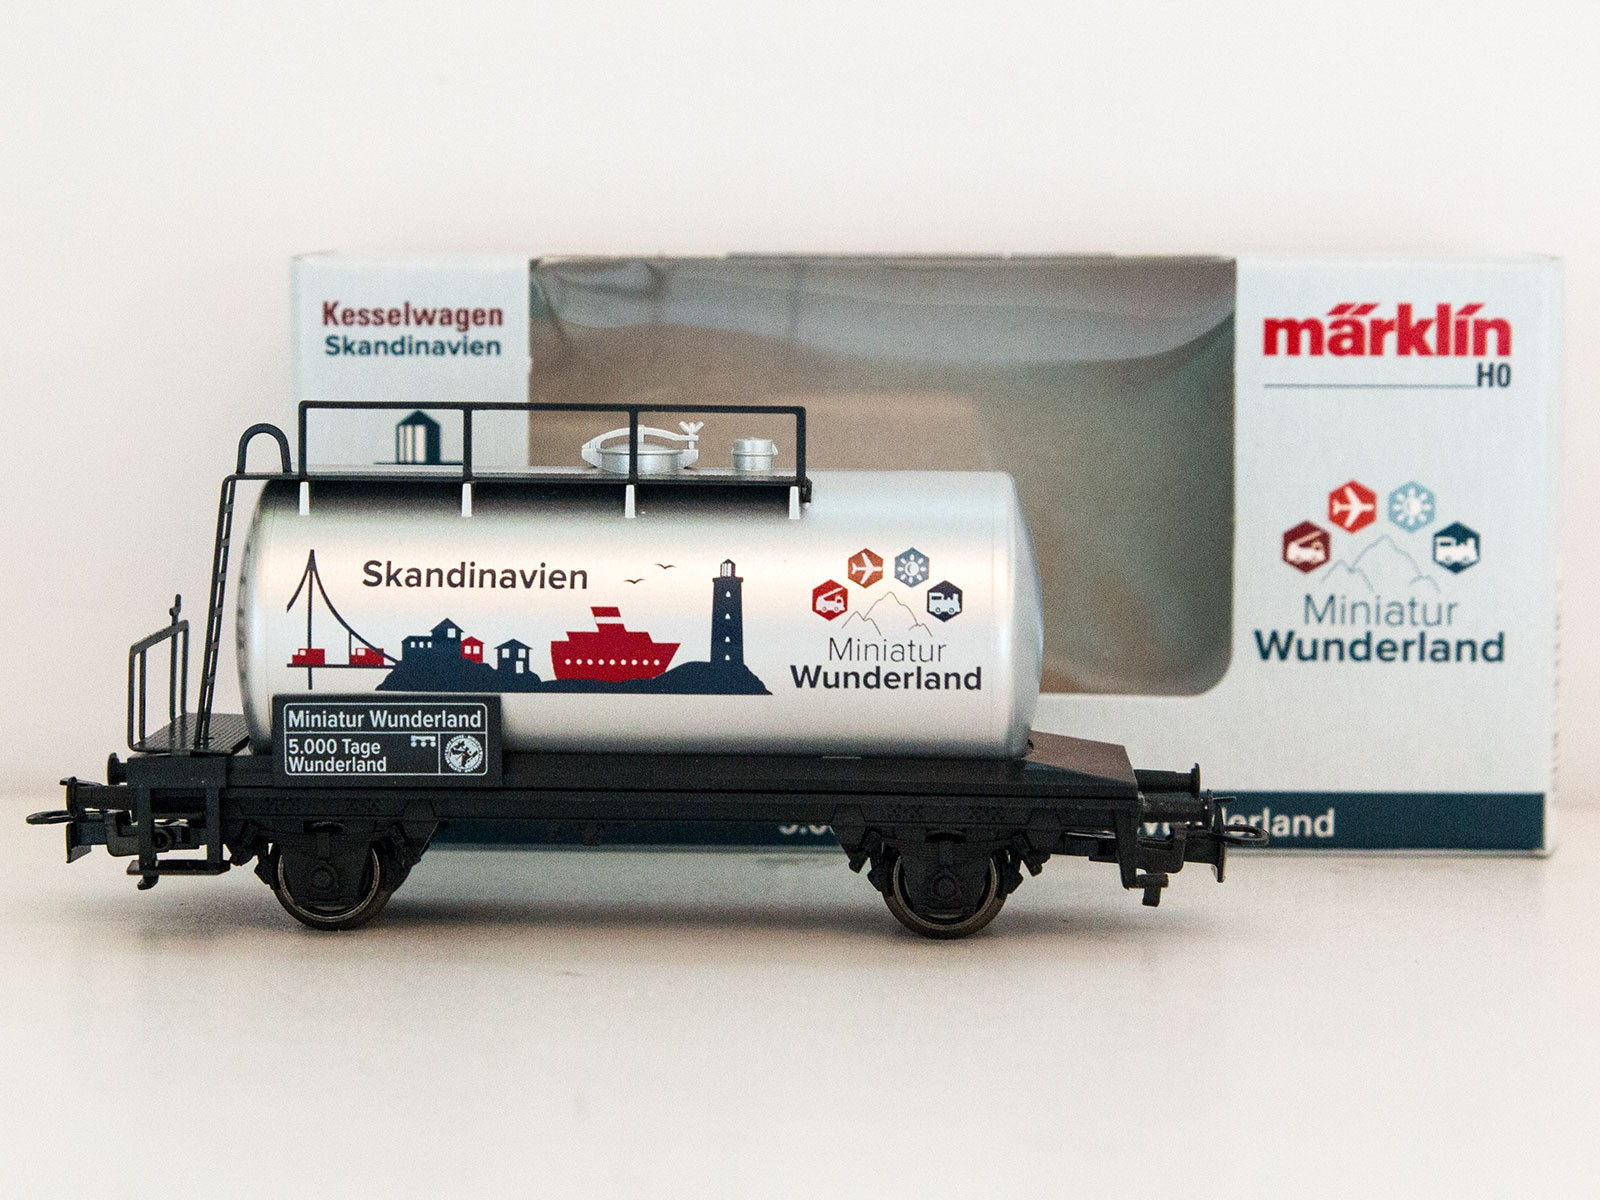 """Special Edition H0 Märklin 2015 tankwagon """"5000 Tage Wunderland - Skandinavien"""""""